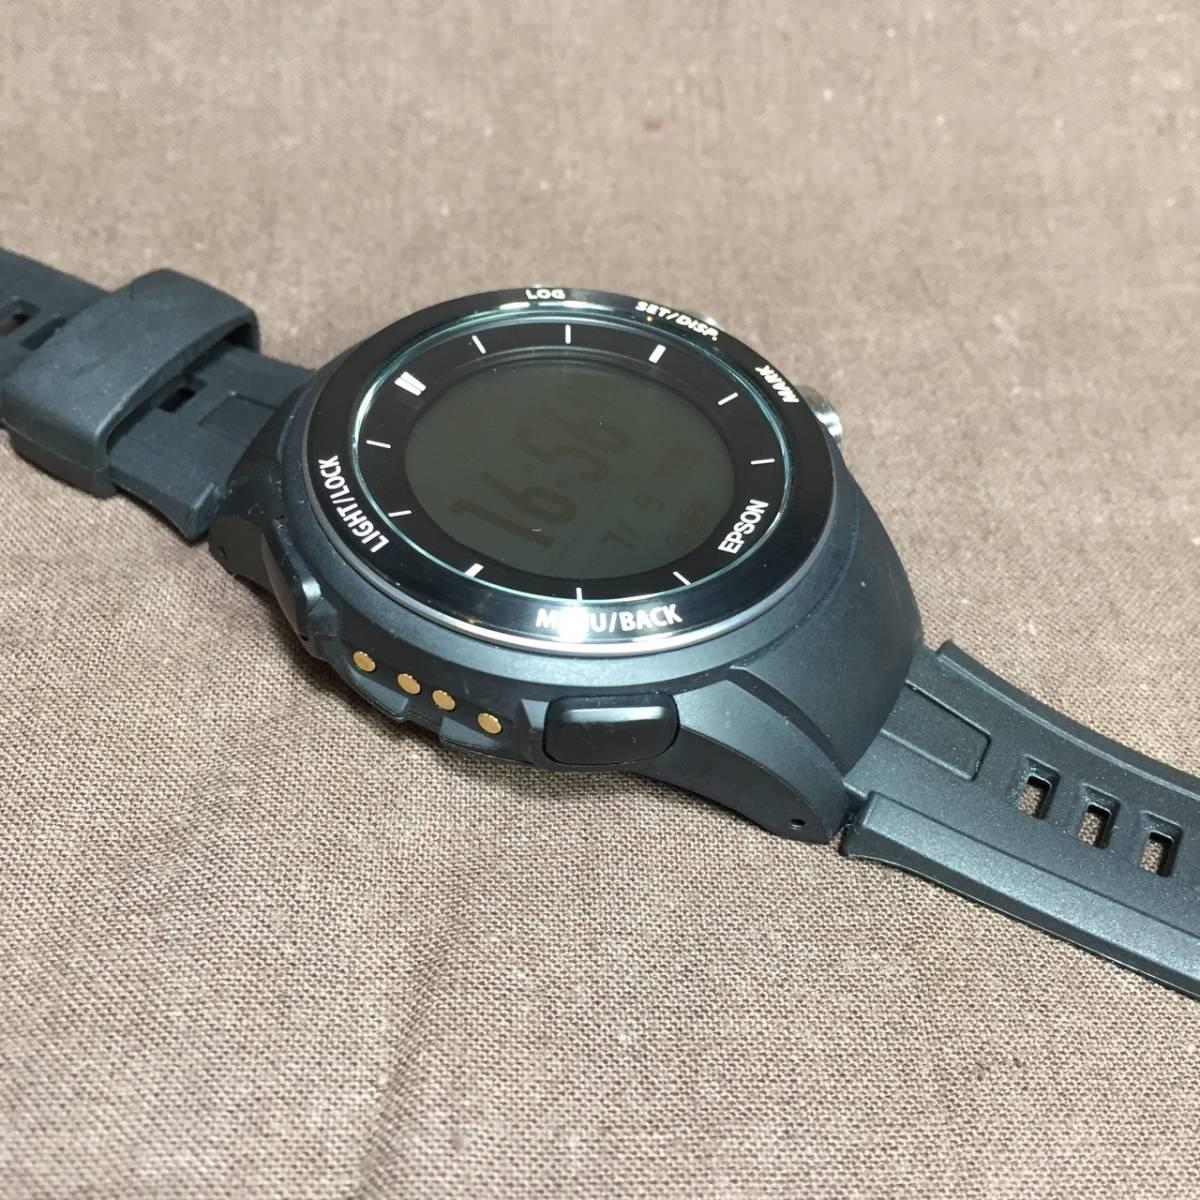 送料込即決/EPSON WristableGPS for Trek MZ-500B GPSトレッキングギア _画像8